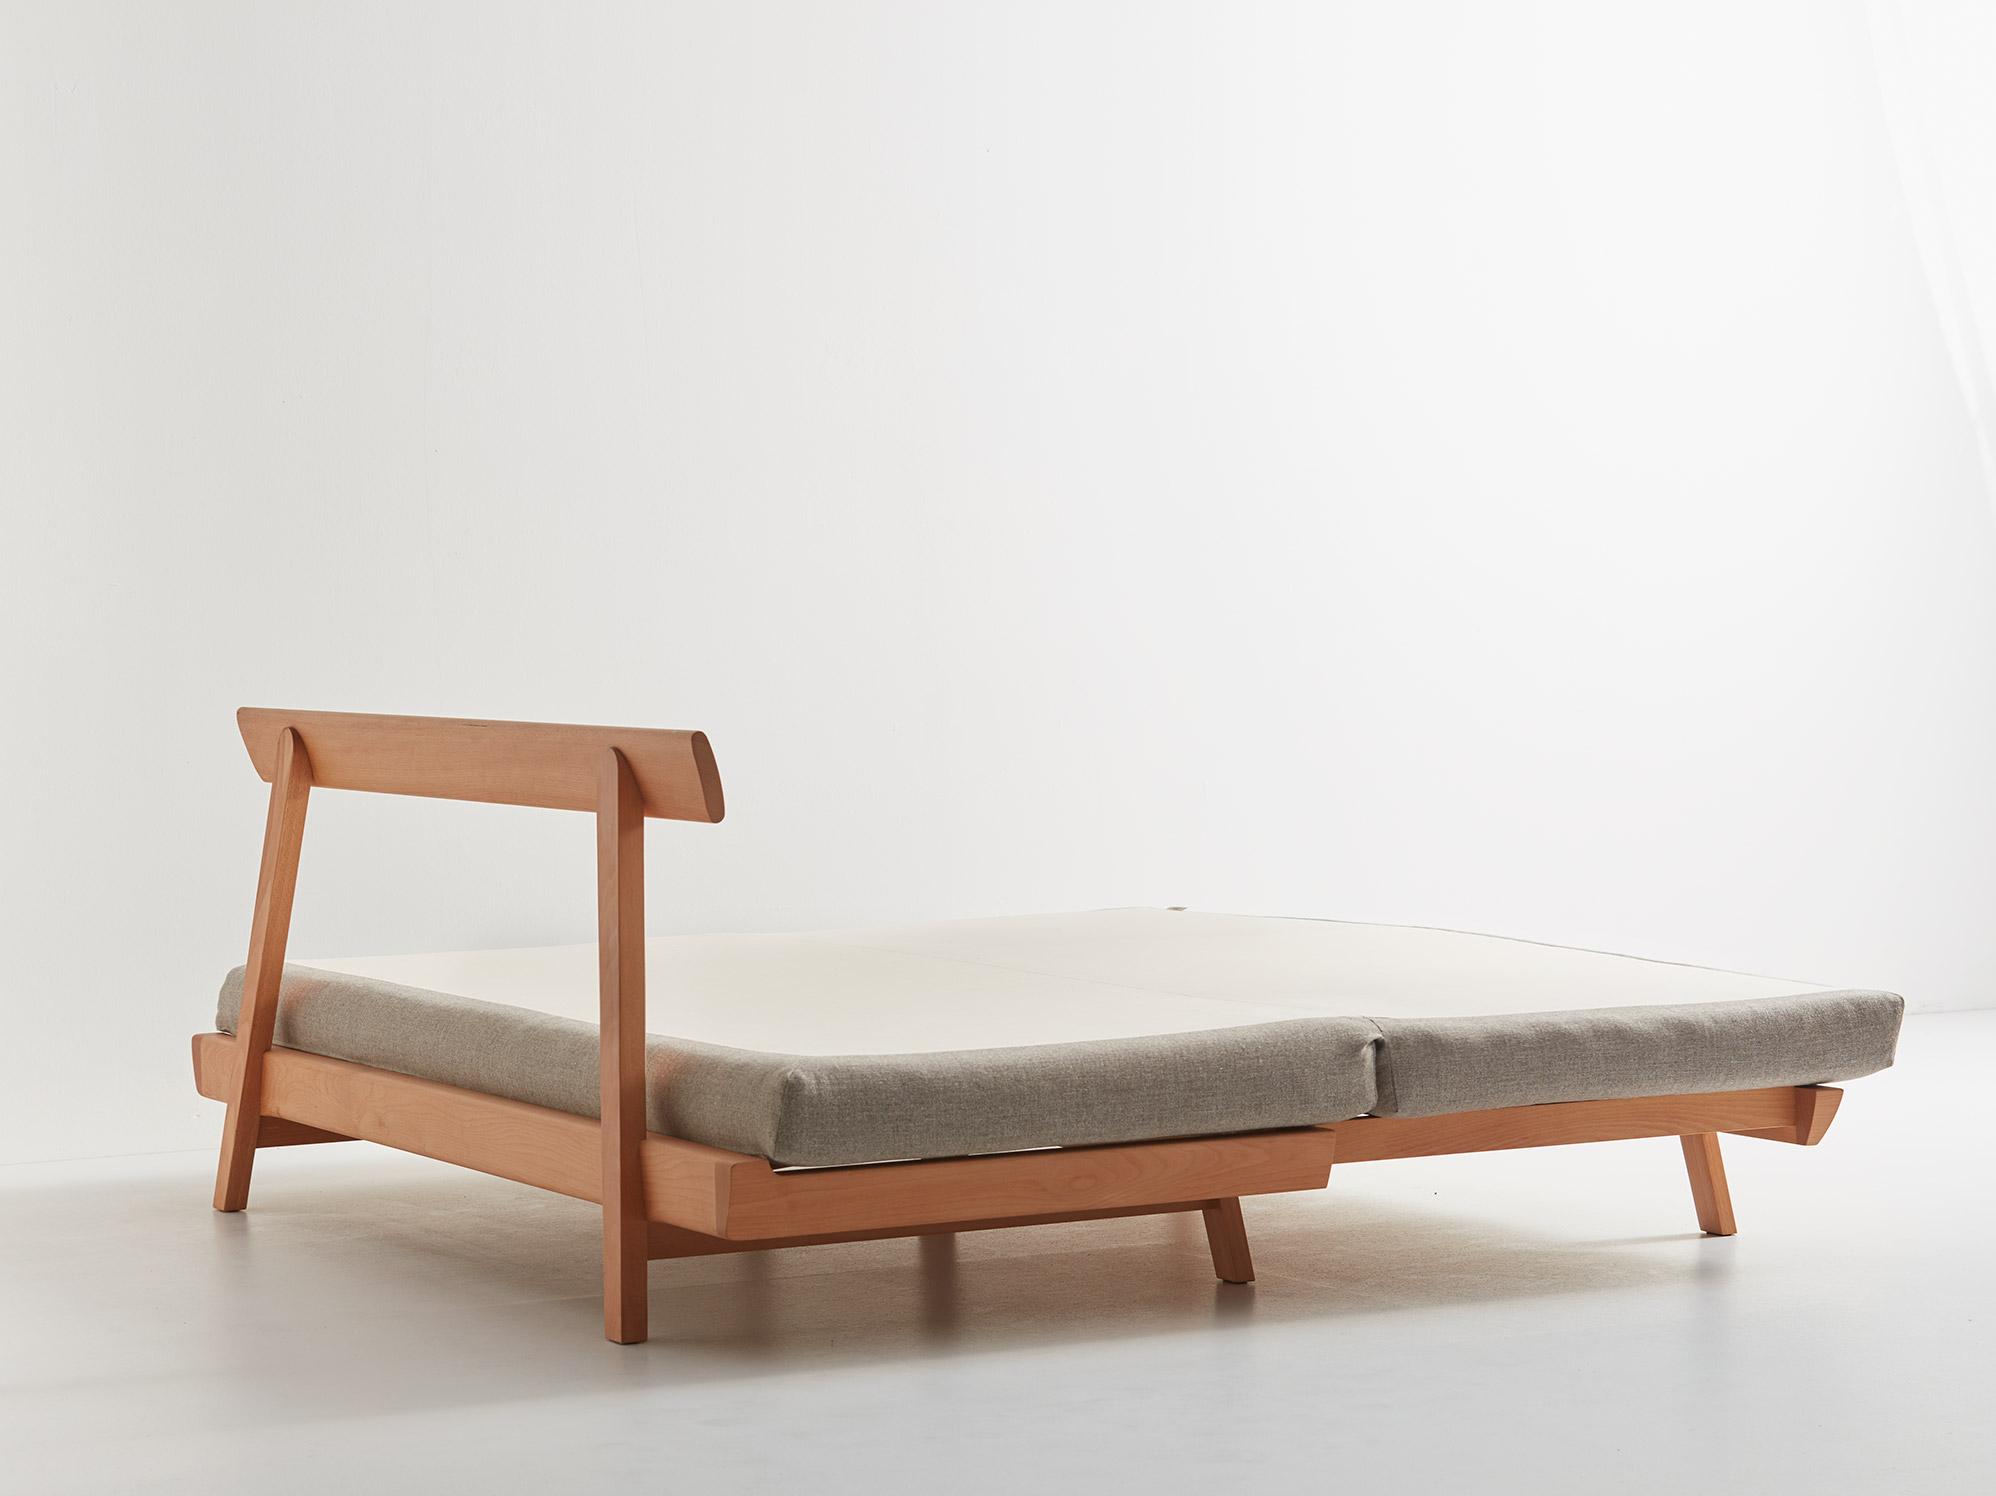 Ausgezeichnet Grune Sofas Bilder - Innenarchitektur-Kollektion ...